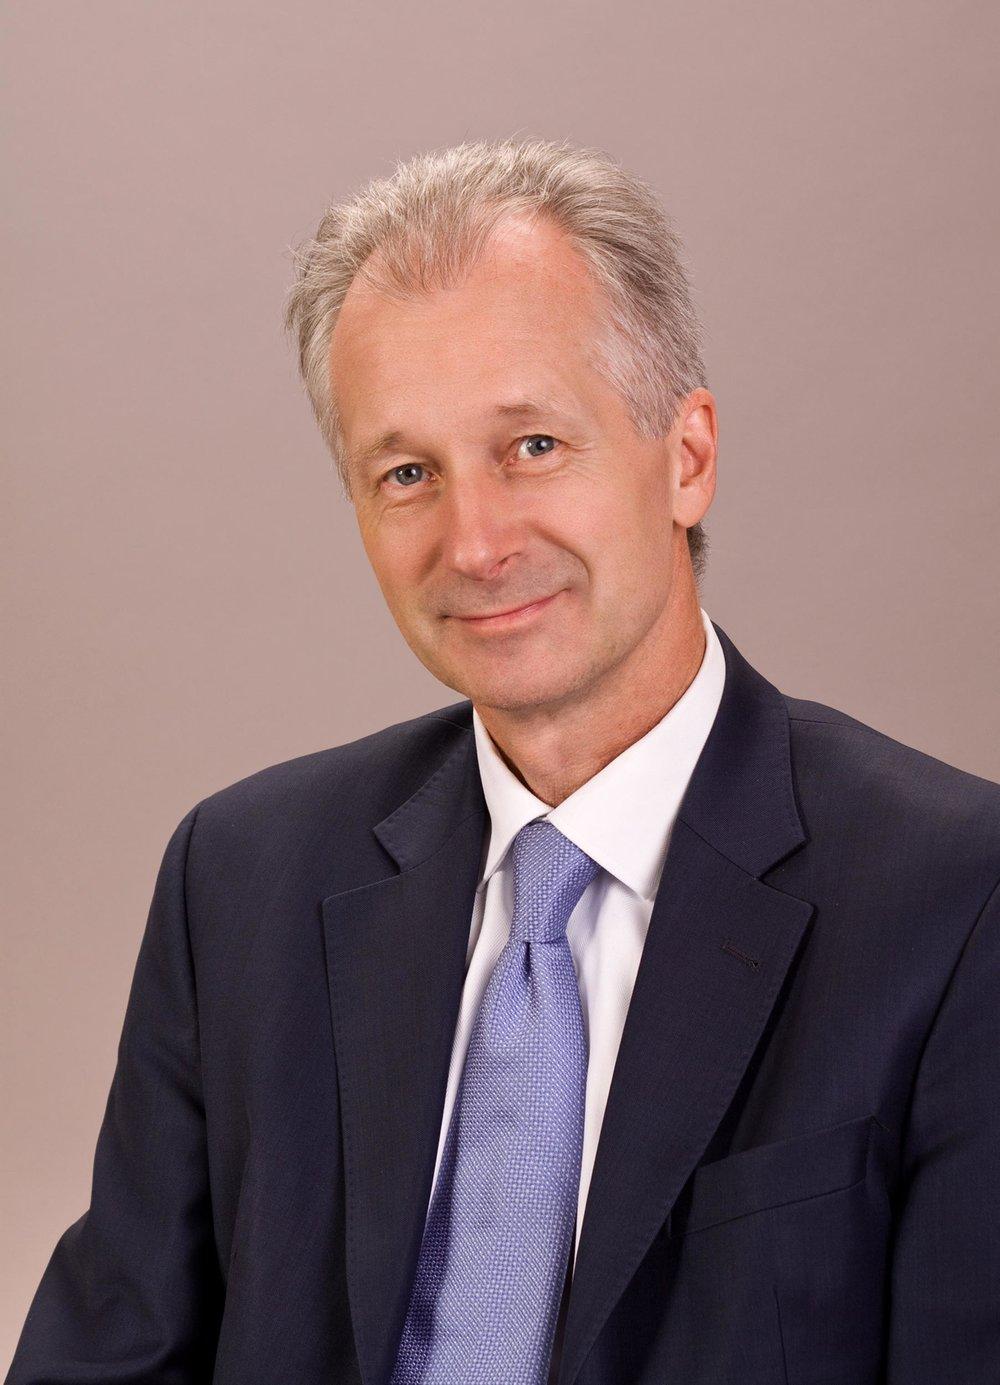 Managing Partner Jörg Nehls